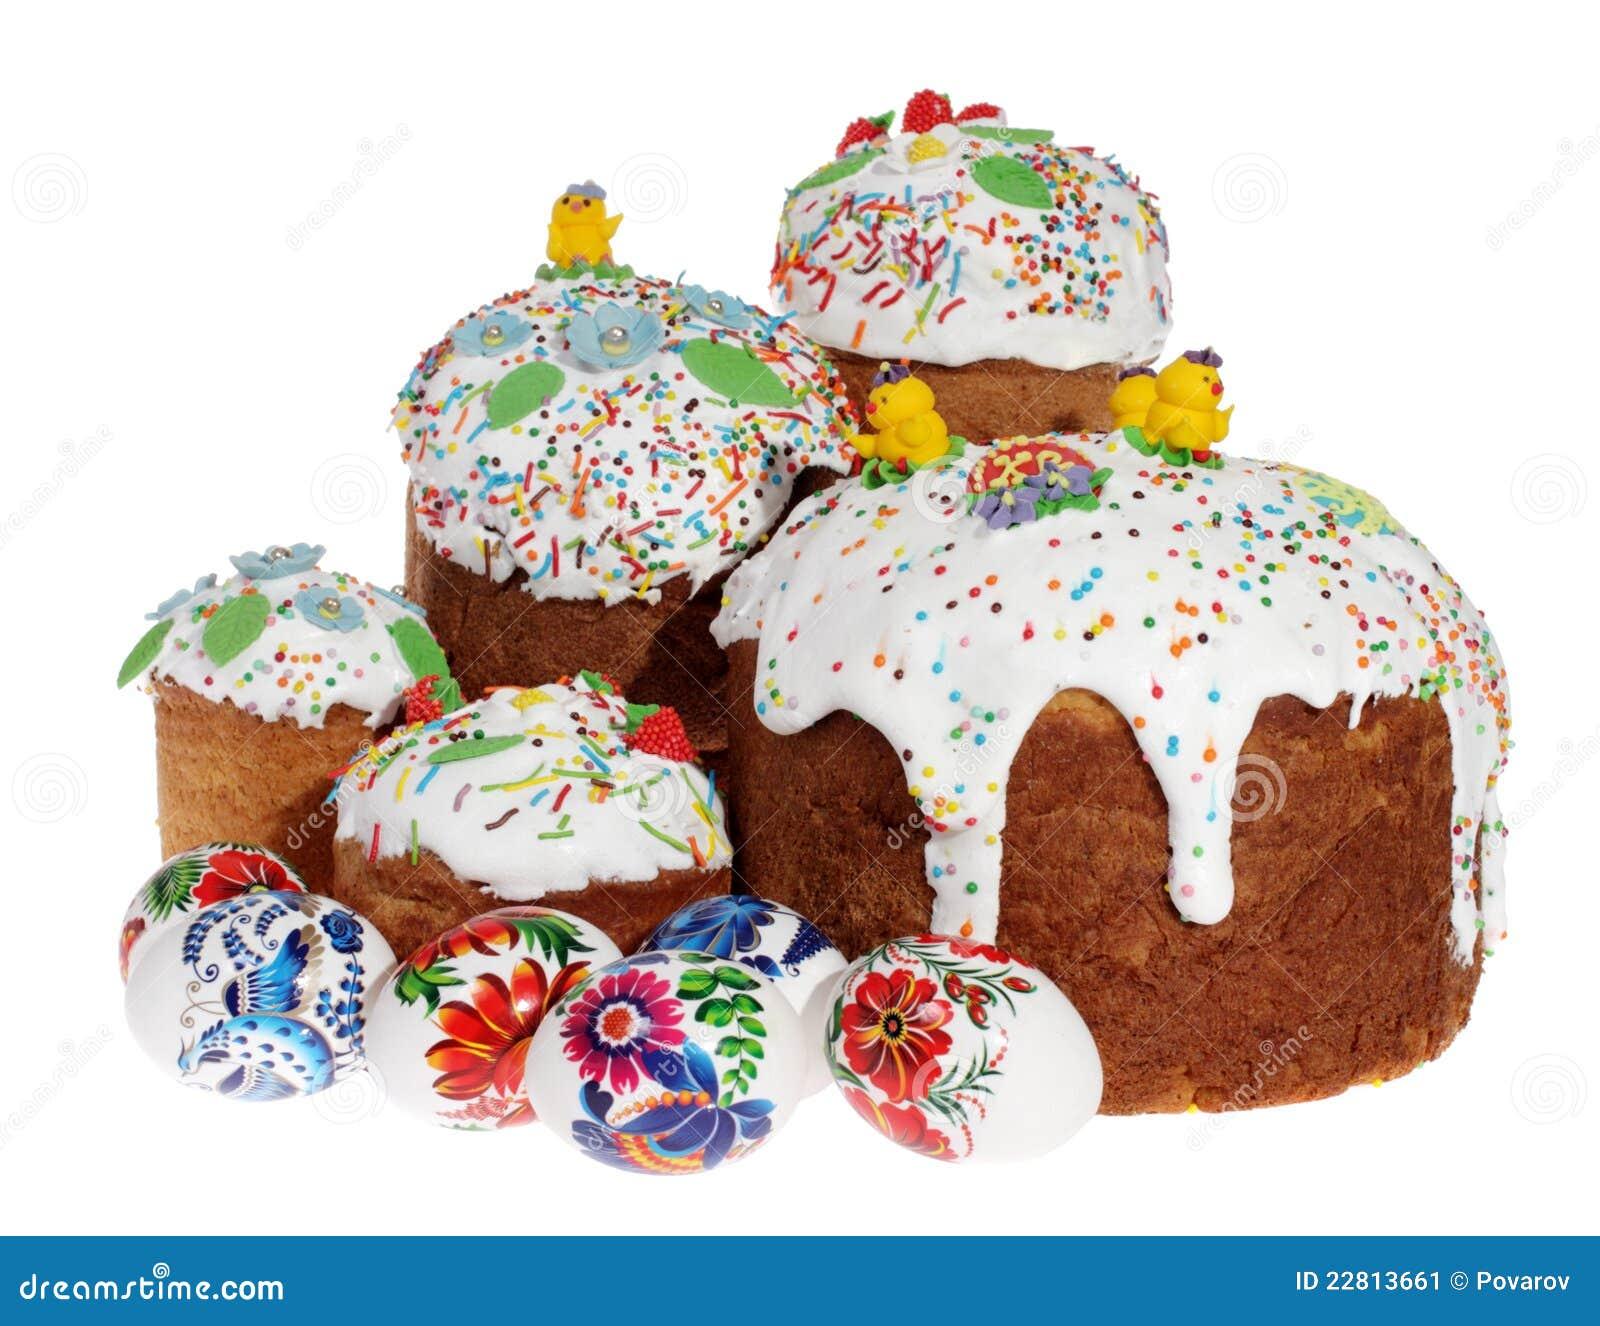 russischer ostern kuchen und bunte ostereier stockbild bild 22813661. Black Bedroom Furniture Sets. Home Design Ideas